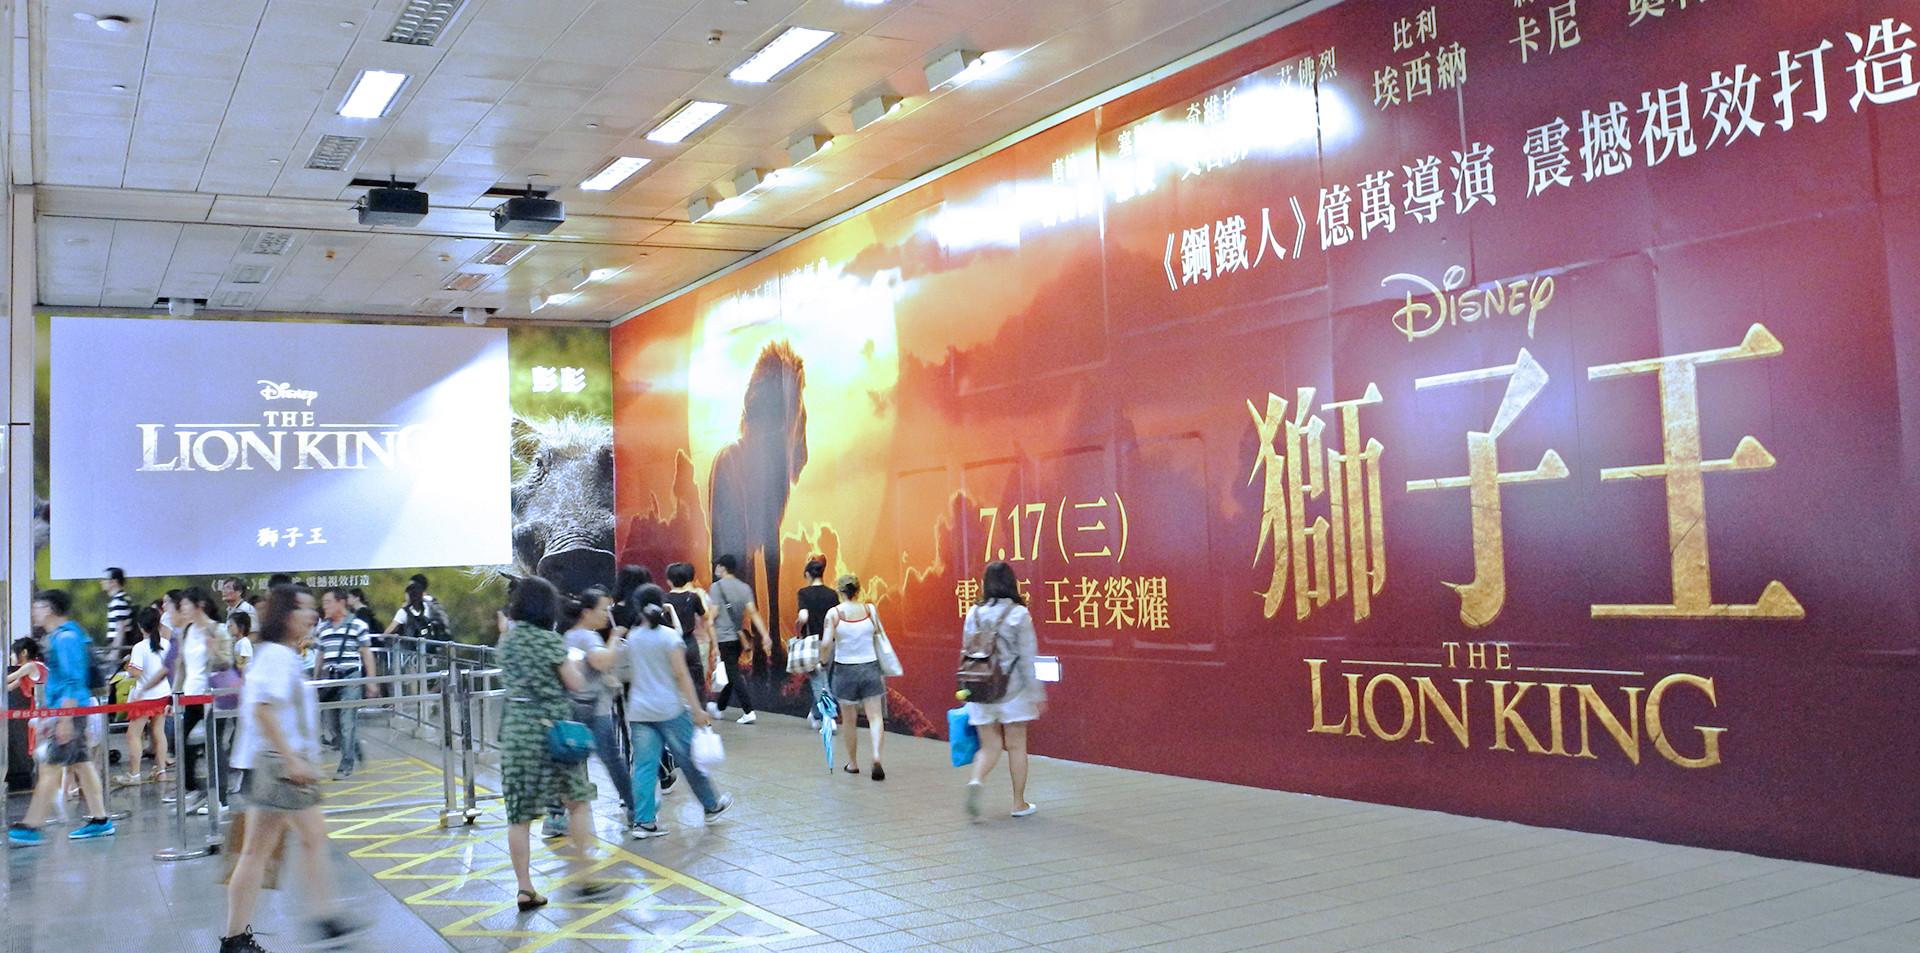 台北捷運廣告刊登  忠孝復興站 獅子王